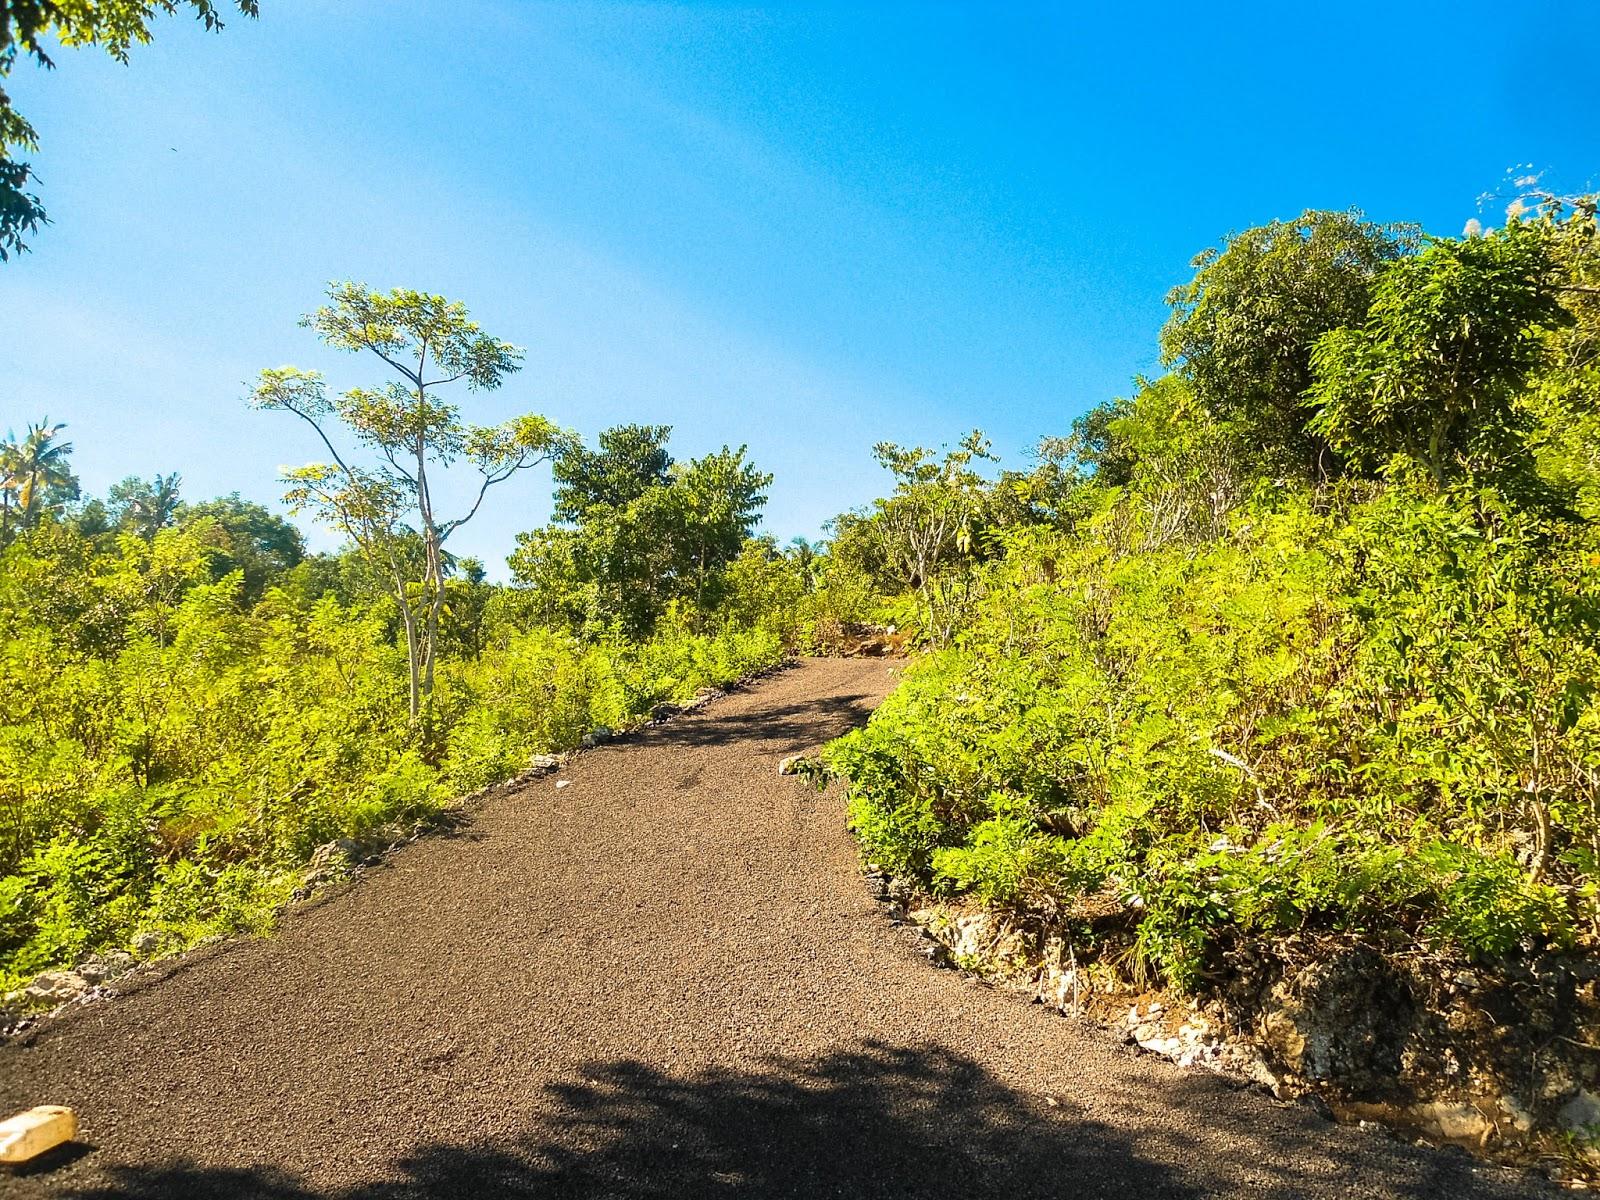 Akses Jalan Aspal Ke lokasi Tanah Gamat Nusa Penida